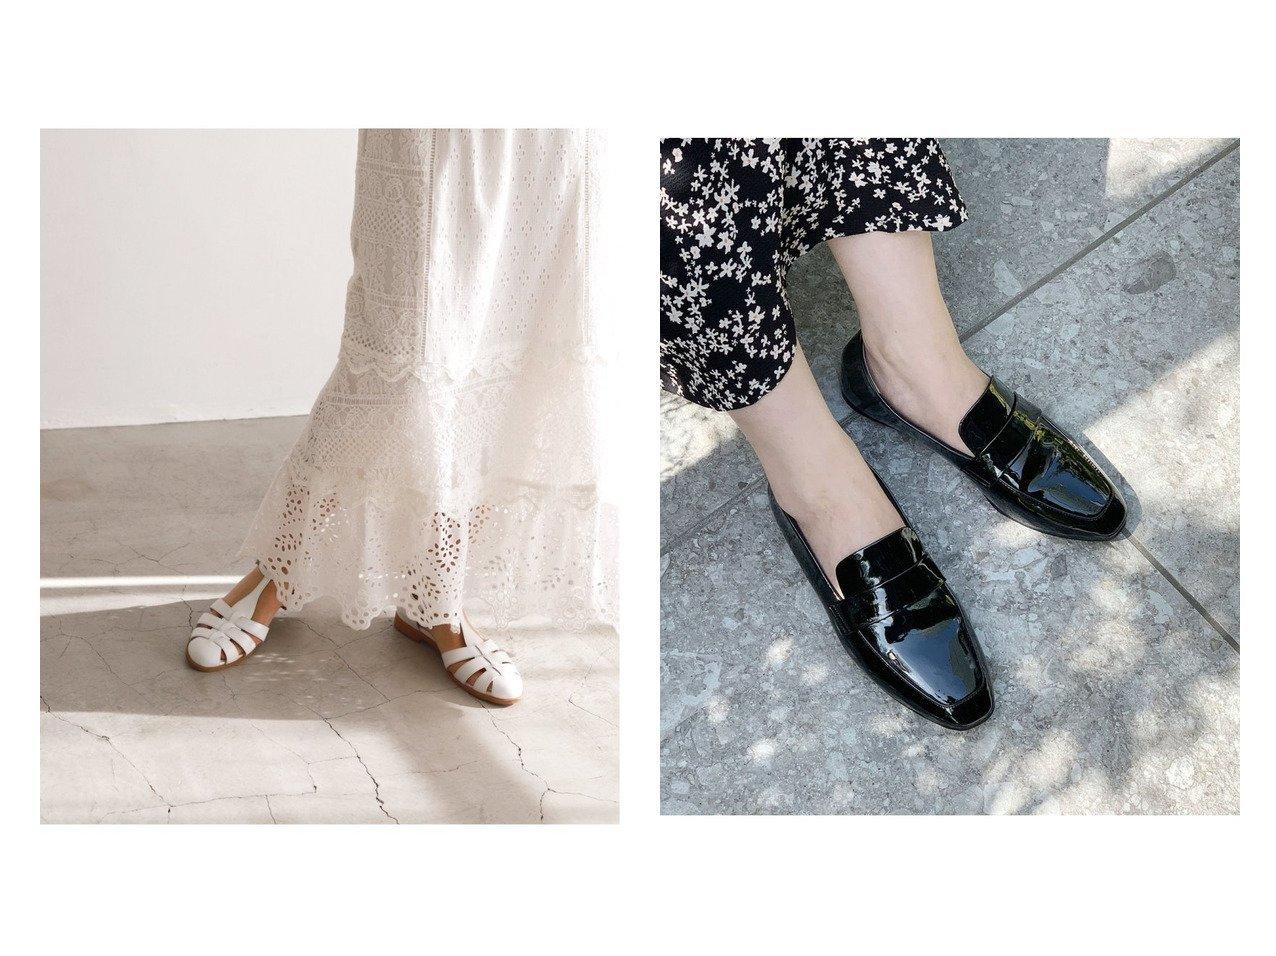 【ADAM ET ROPE'/アダム エ ロペ】のポーチ付きレインローファー&【SLOBE IENA/スローブ イエナ】のSLOBE IENA グルカサンダル RE 【シューズ・靴】おすすめ!人気、トレンド・レディースファッションの通販 おすすめで人気の流行・トレンド、ファッションの通販商品 メンズファッション・キッズファッション・インテリア・家具・レディースファッション・服の通販 founy(ファニー) https://founy.com/ ファッション Fashion レディースファッション WOMEN ポーチ Pouches クッション コンパクト 今季 シューズ スタイリッシュ スリッパ バレエ ポーチ 2021年 2021 2021春夏・S/S SS/Spring/Summer/2021 S/S・春夏 SS・Spring/Summer サンダル ミュール |ID:crp329100000027854